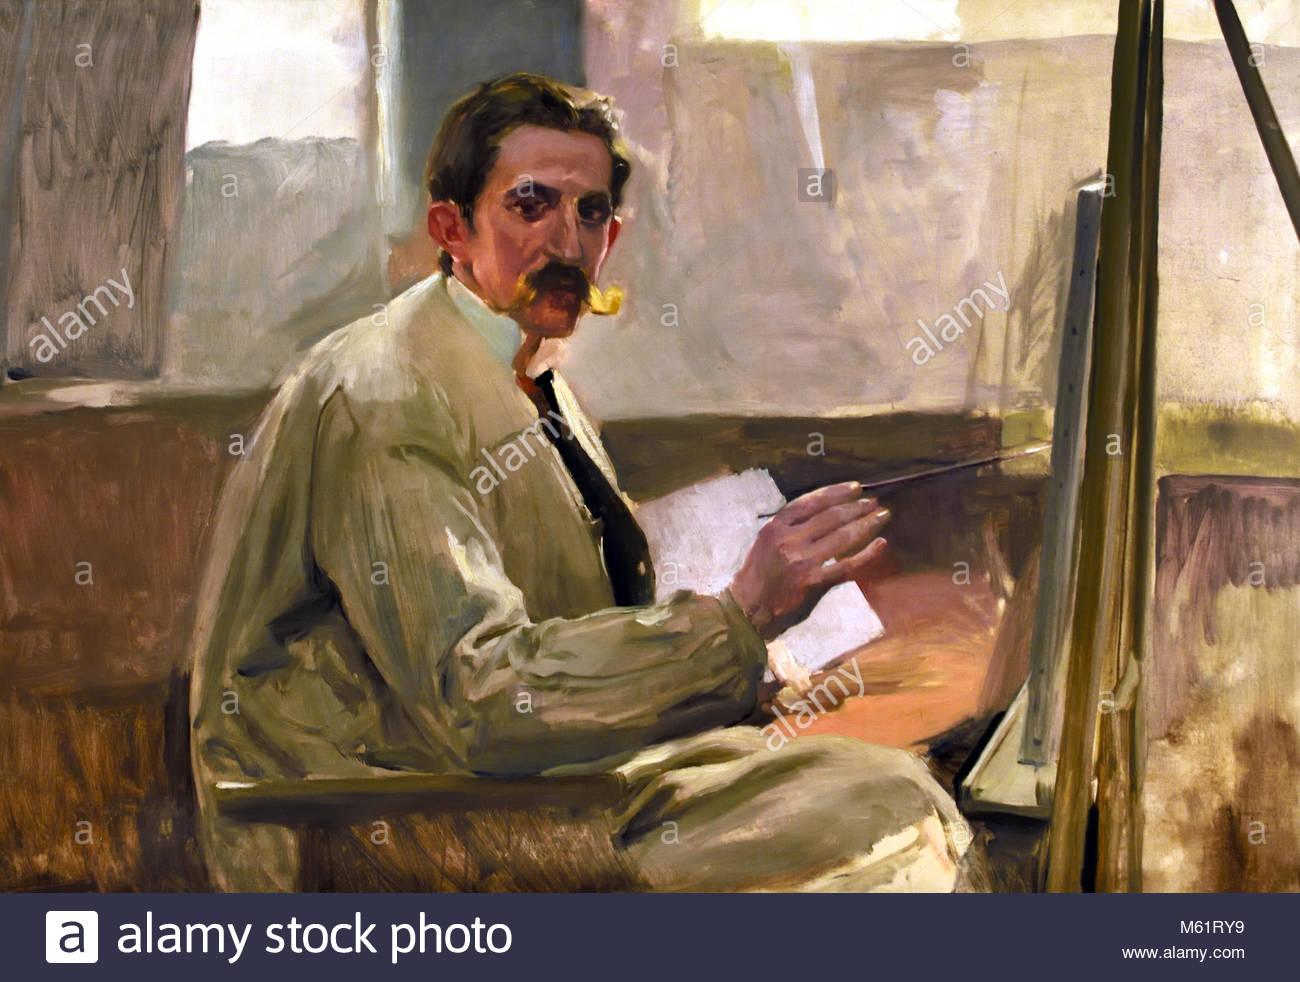 Mi amigo, mi amigo Portillo Portillo 1922 Joaquín Sorolla y Bastida (1863 -1923) Valencia Madrid 19/20ª Imagen De Stock